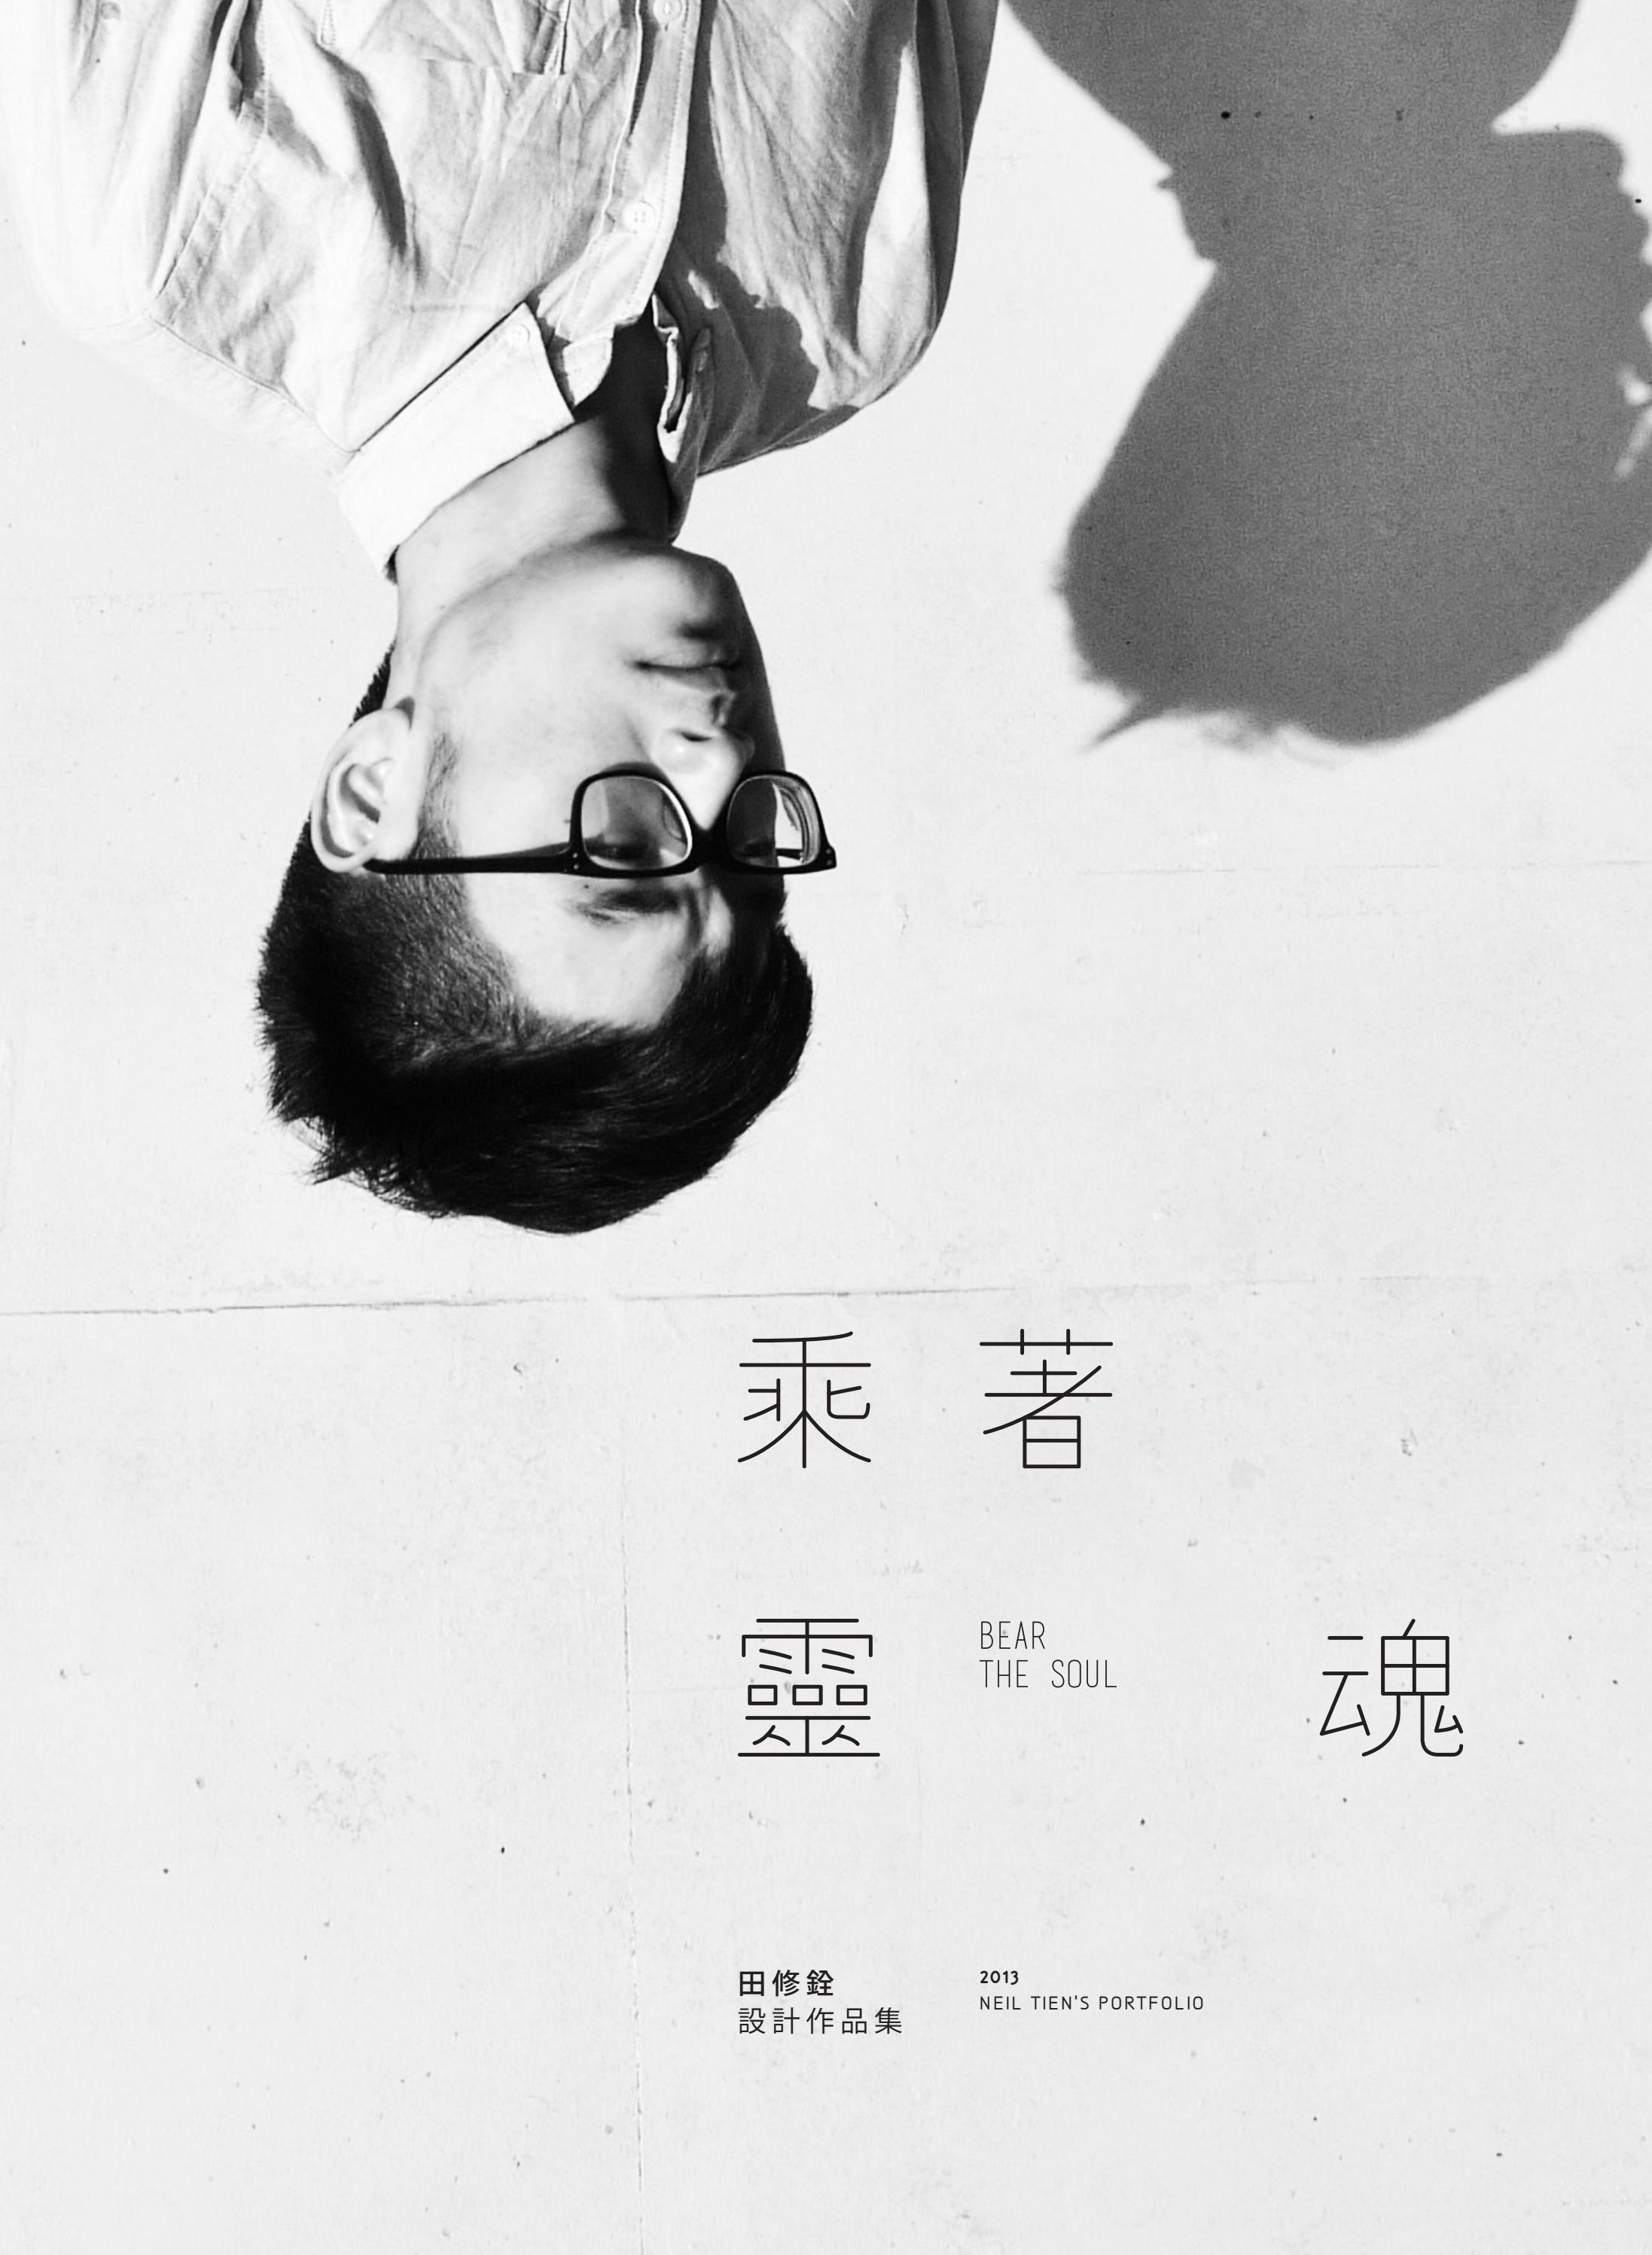 乘著靈魂 2013 田修銓作品集 by 修銓 田 - Issuu